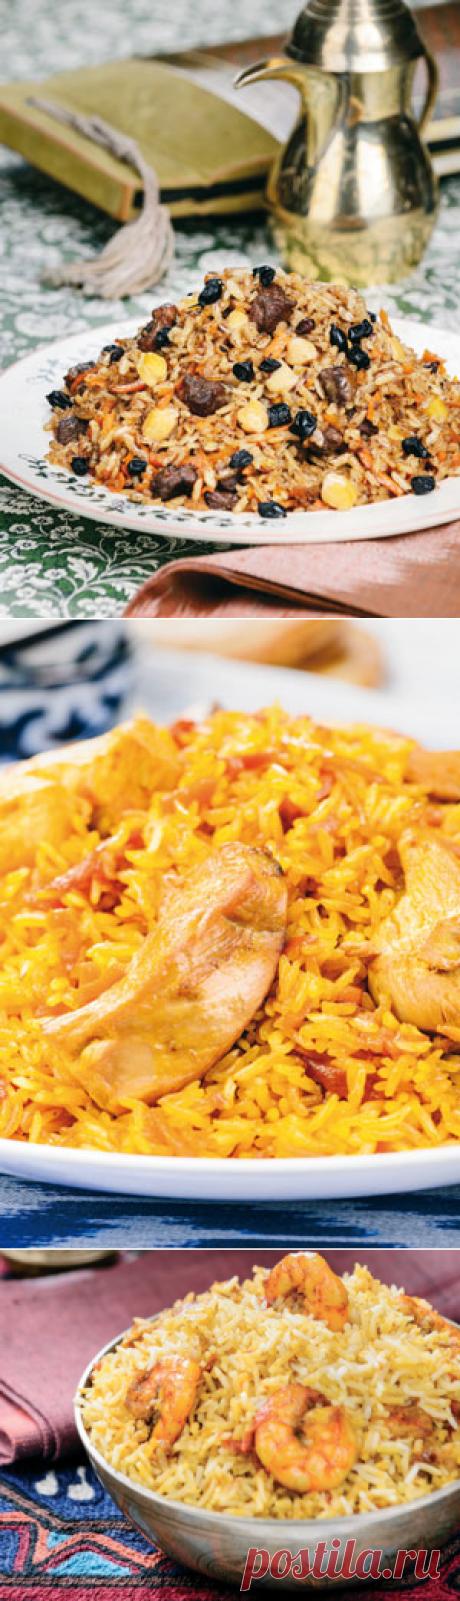 Правильный плов - три рецепта: с курицей, нутом и морепродуктами. Восточная кухня